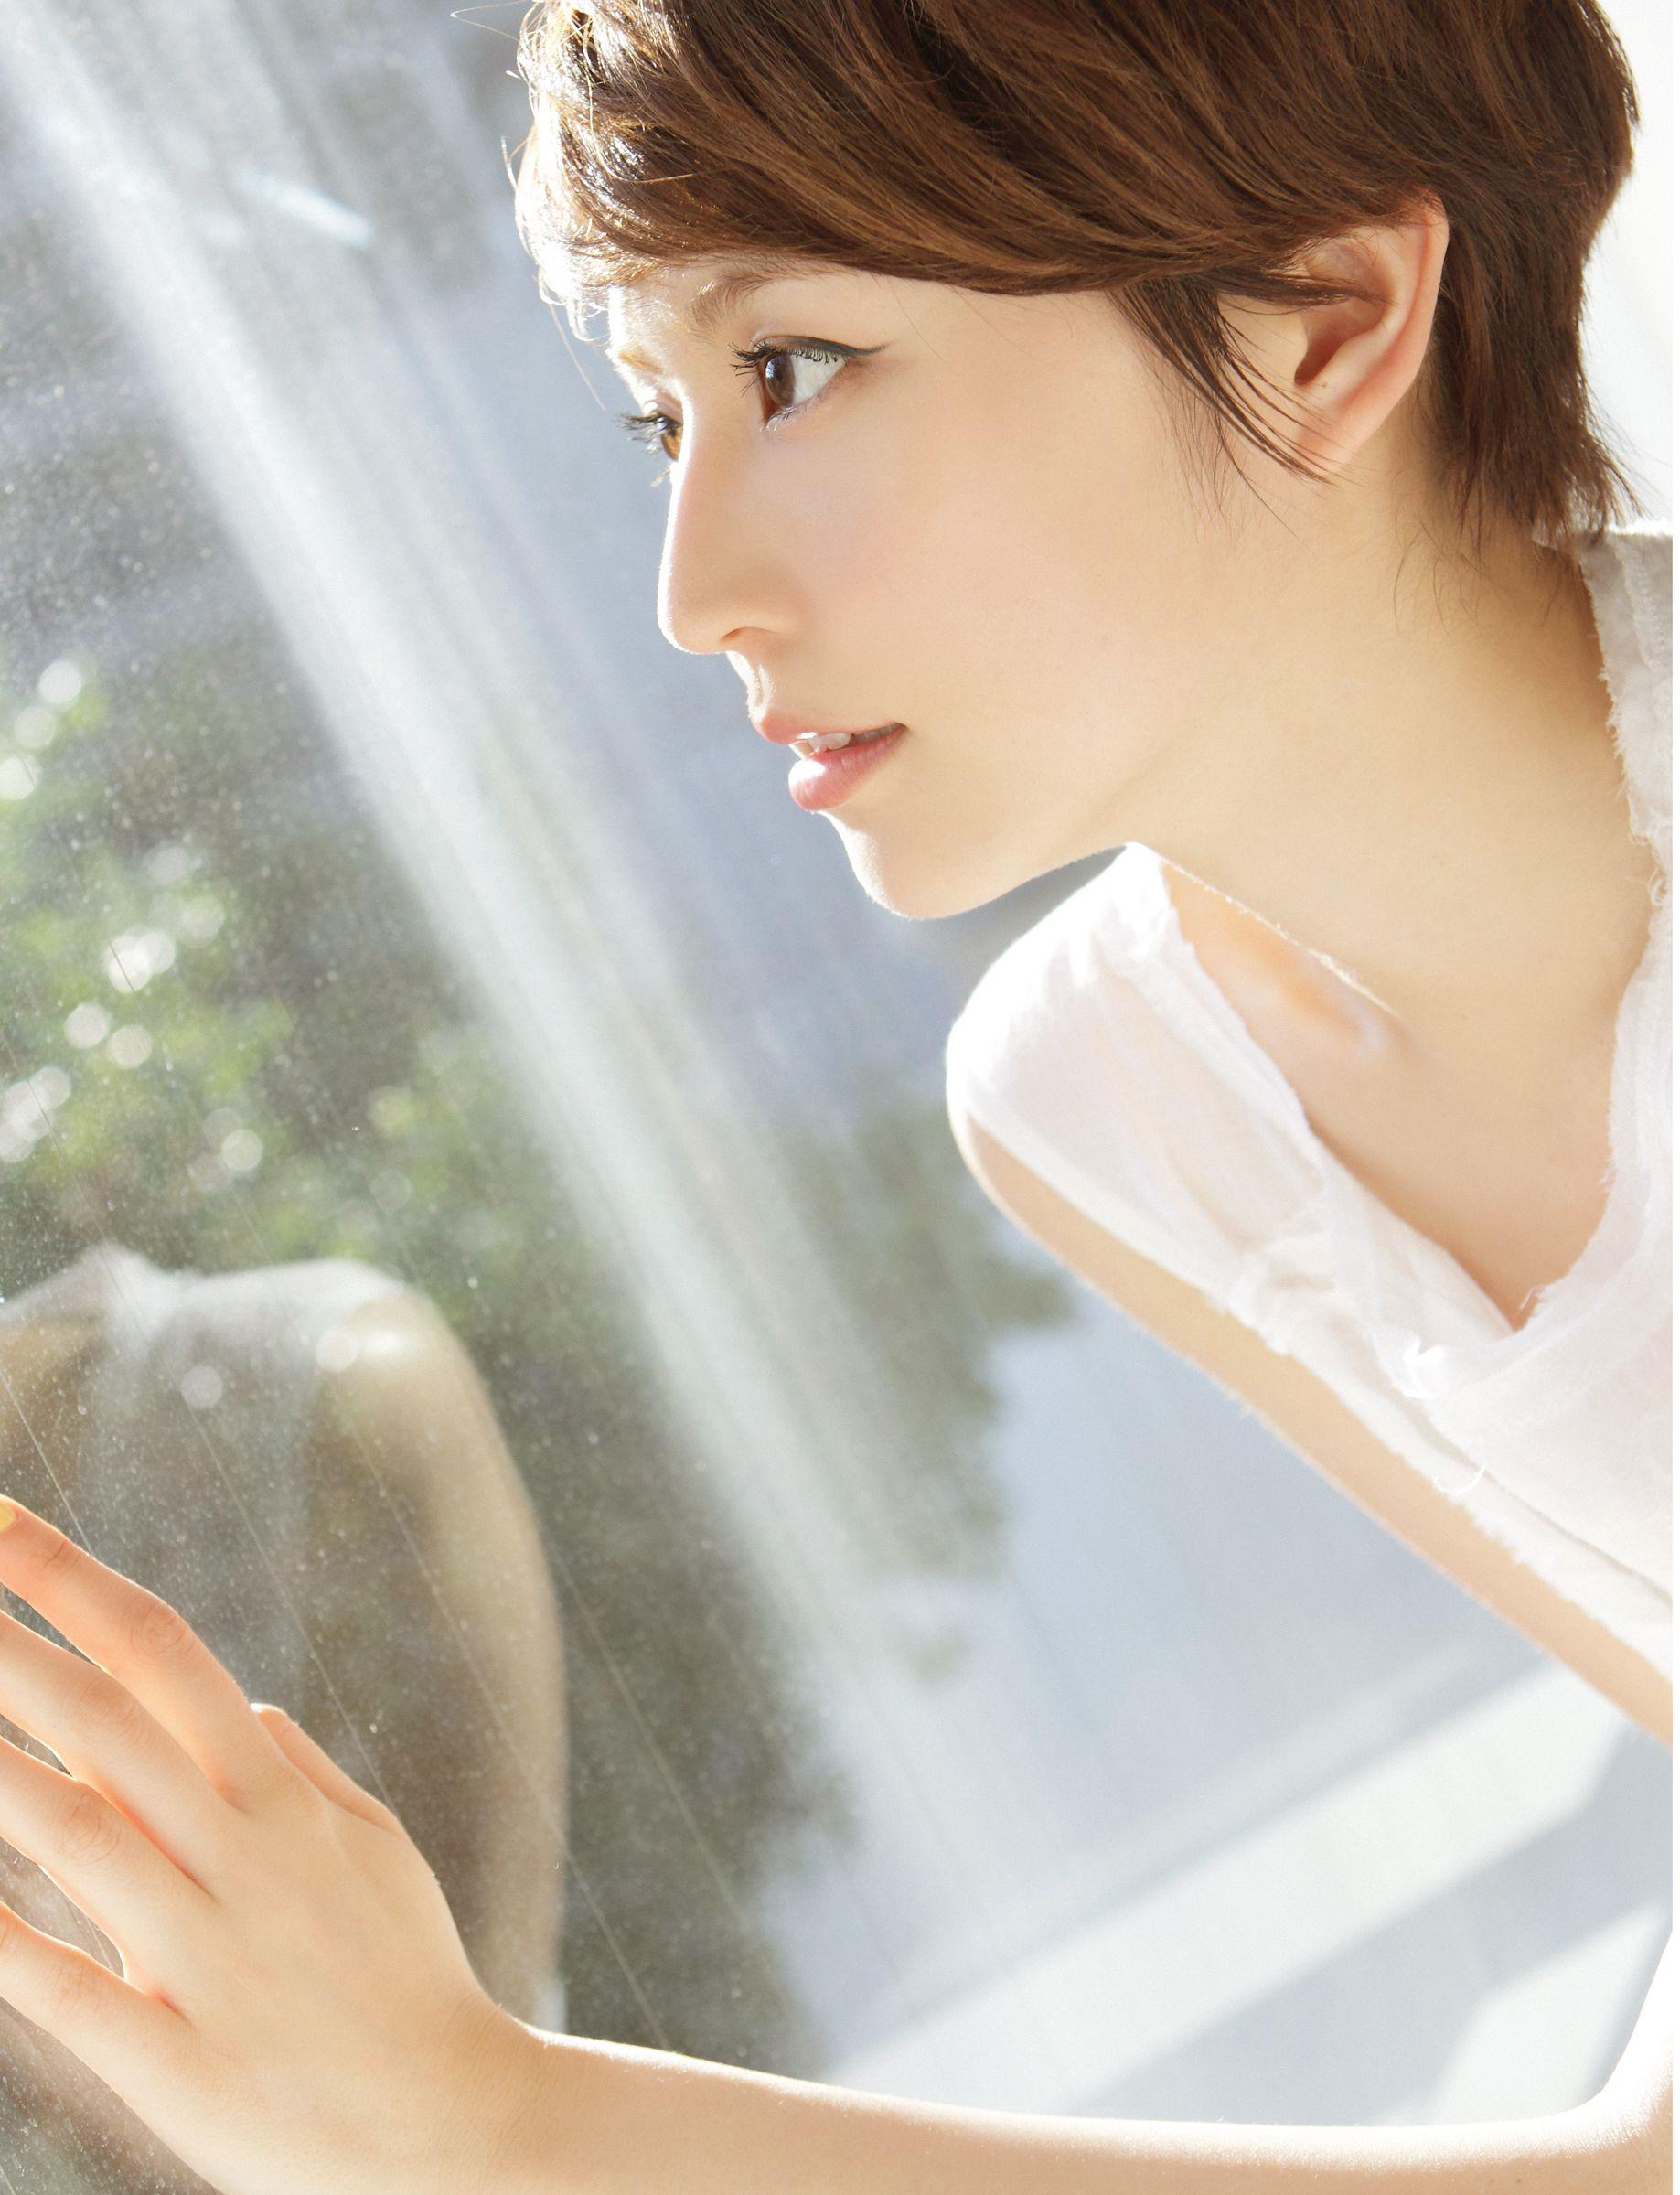 長澤まさみ 画像 6